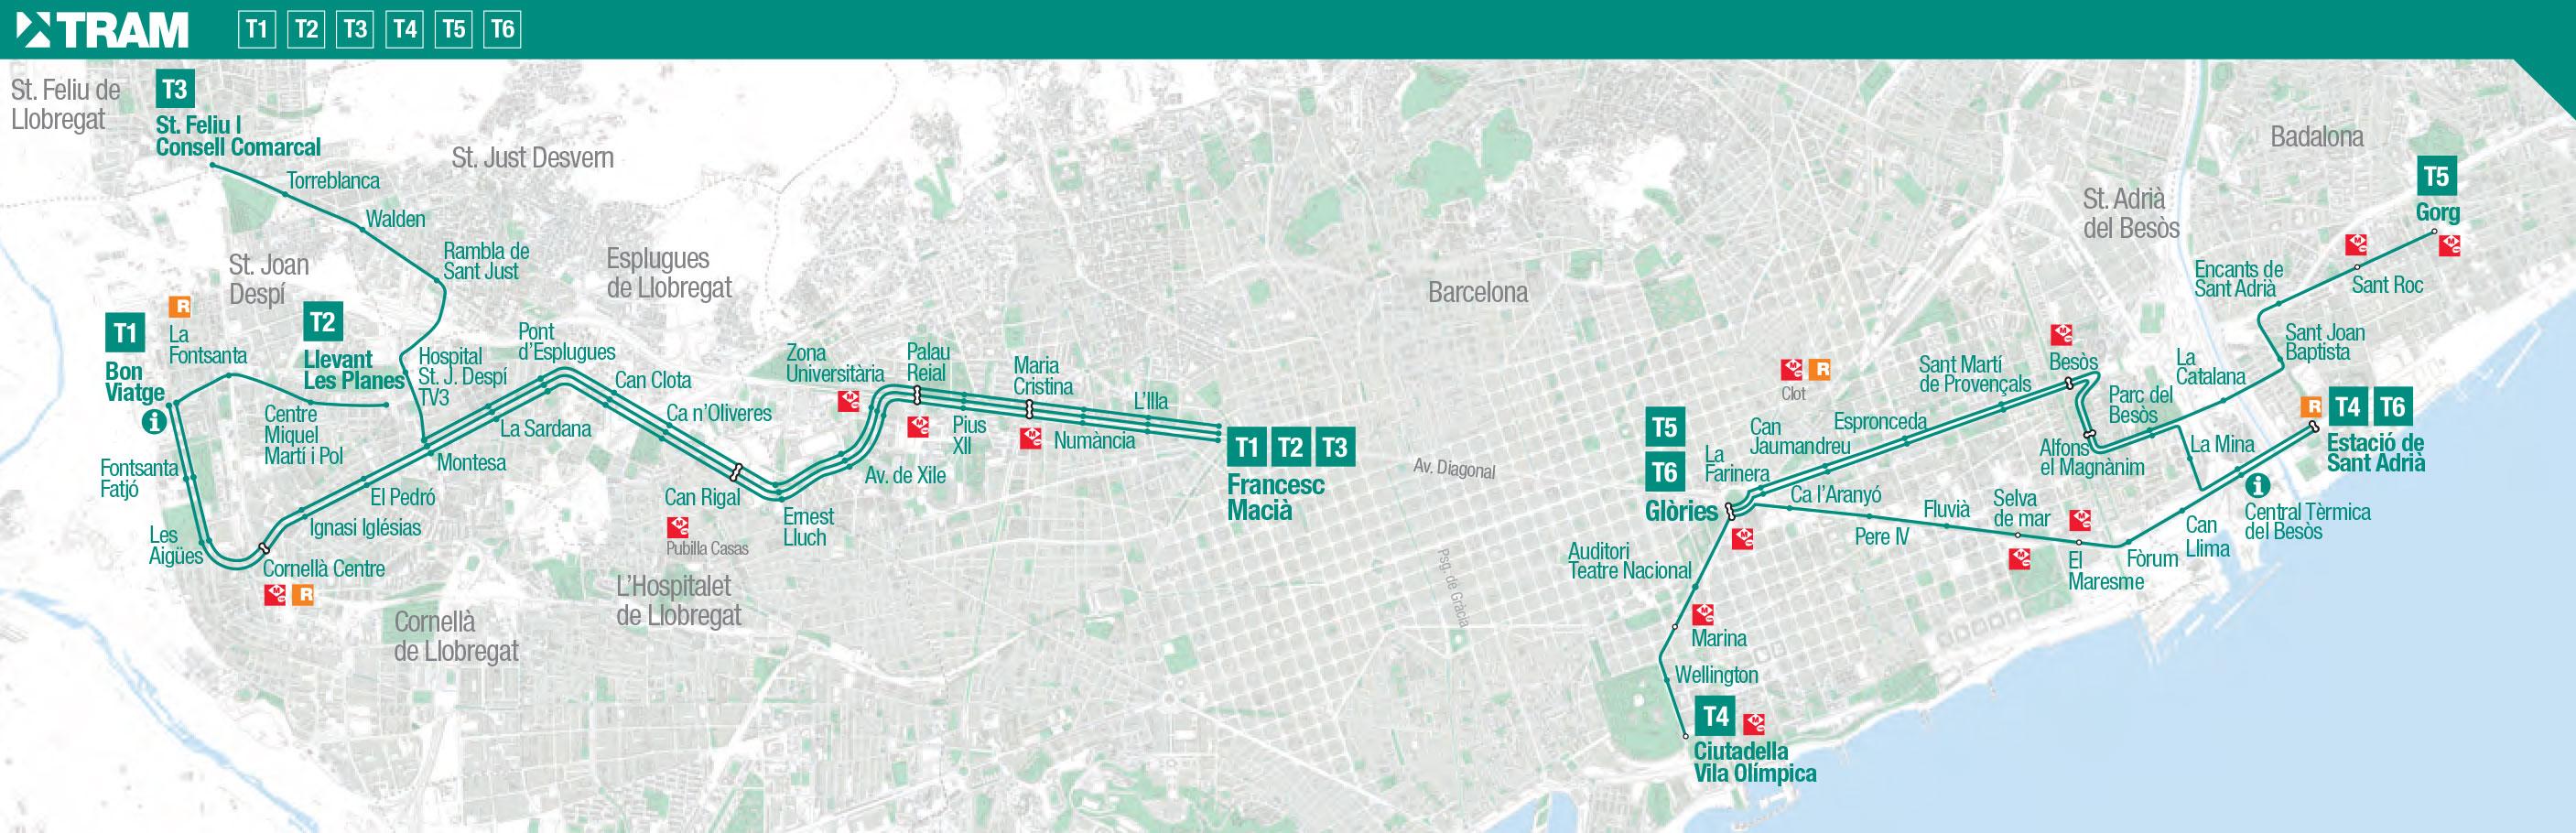 Célèbre Plan et carte du tramway de Barcelone : stations et lignes SR77